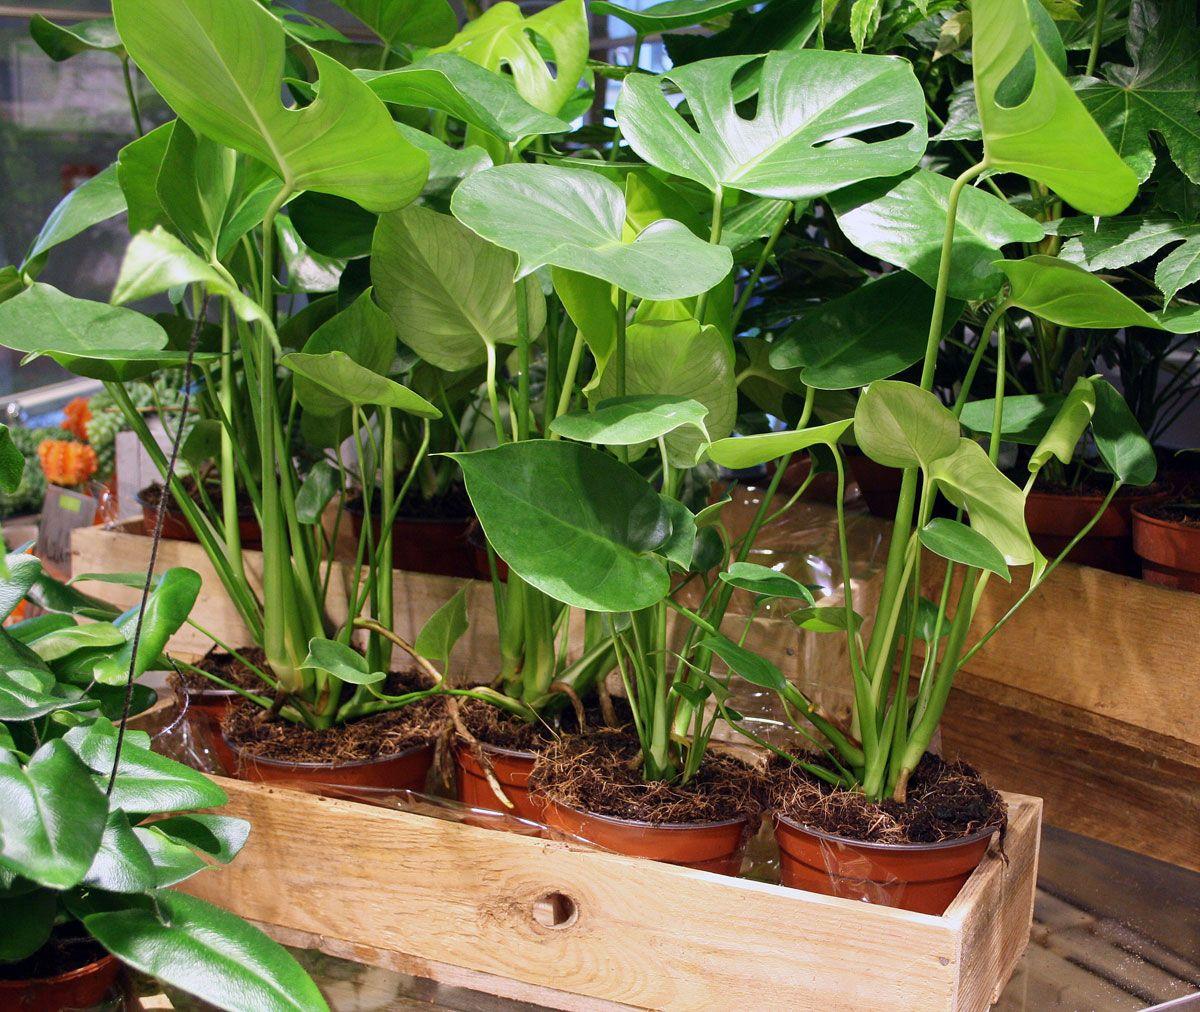 Raumteiler Hamburg zimmerpflanze fensterblatt schön als raumteiler zu pflanzen